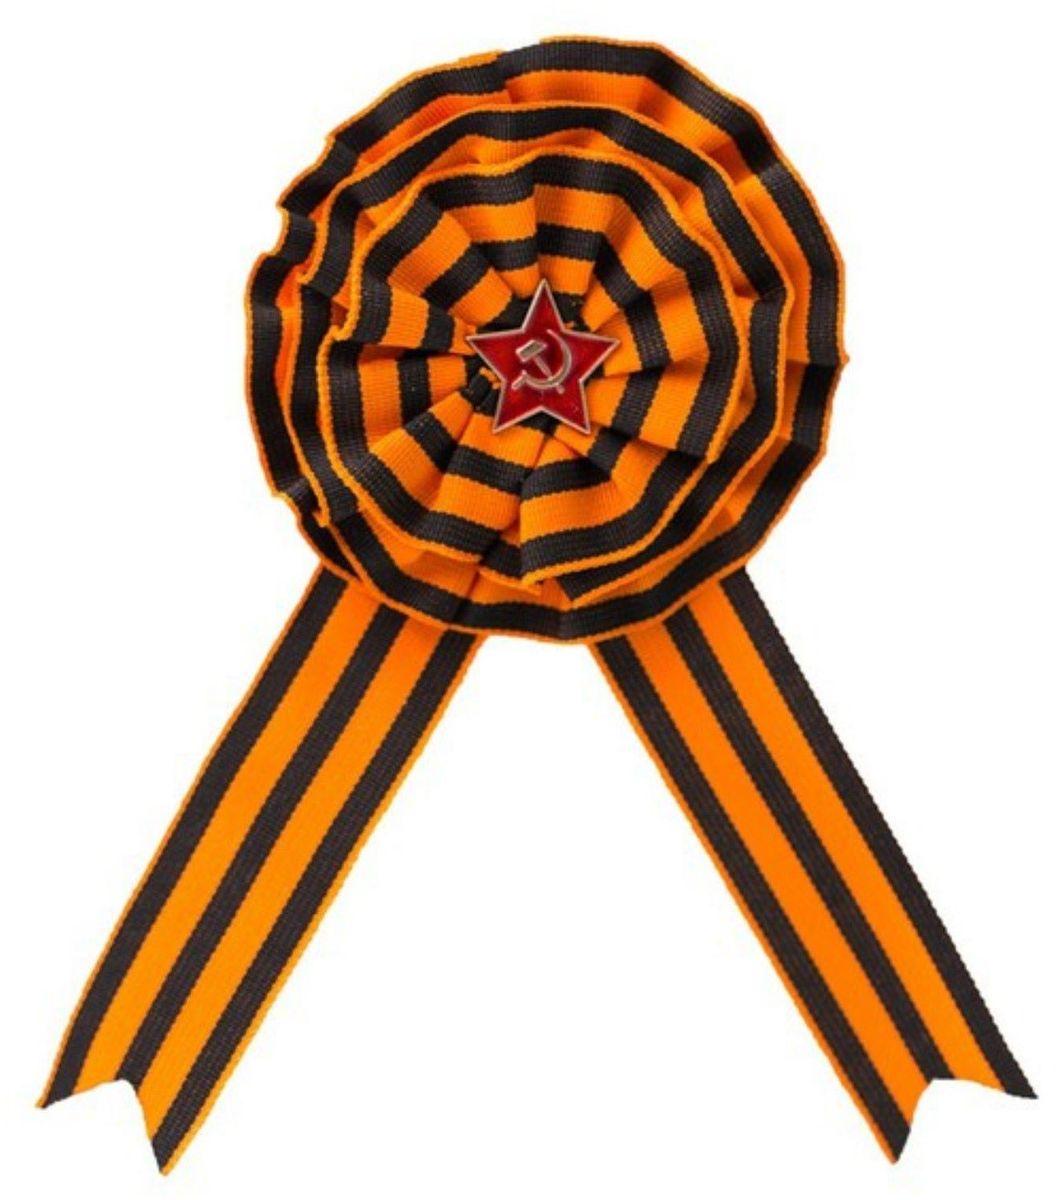 Брошь Бока 9 Мая. 22275972227597Чёрно-оранжевая лента — неизменный атрибут Дня Победы. Такое сочетание цветов использовалось для высших воинских наград, вручаемых за личную храбрость. 9 Мая прикрепите брошь на одежду: этот символ на вашей груди напомнит о доблести солдат и подвигах, совершённых на полях сражений. Такой аксессуар прослужит вам не один год. Брошь на булавке.